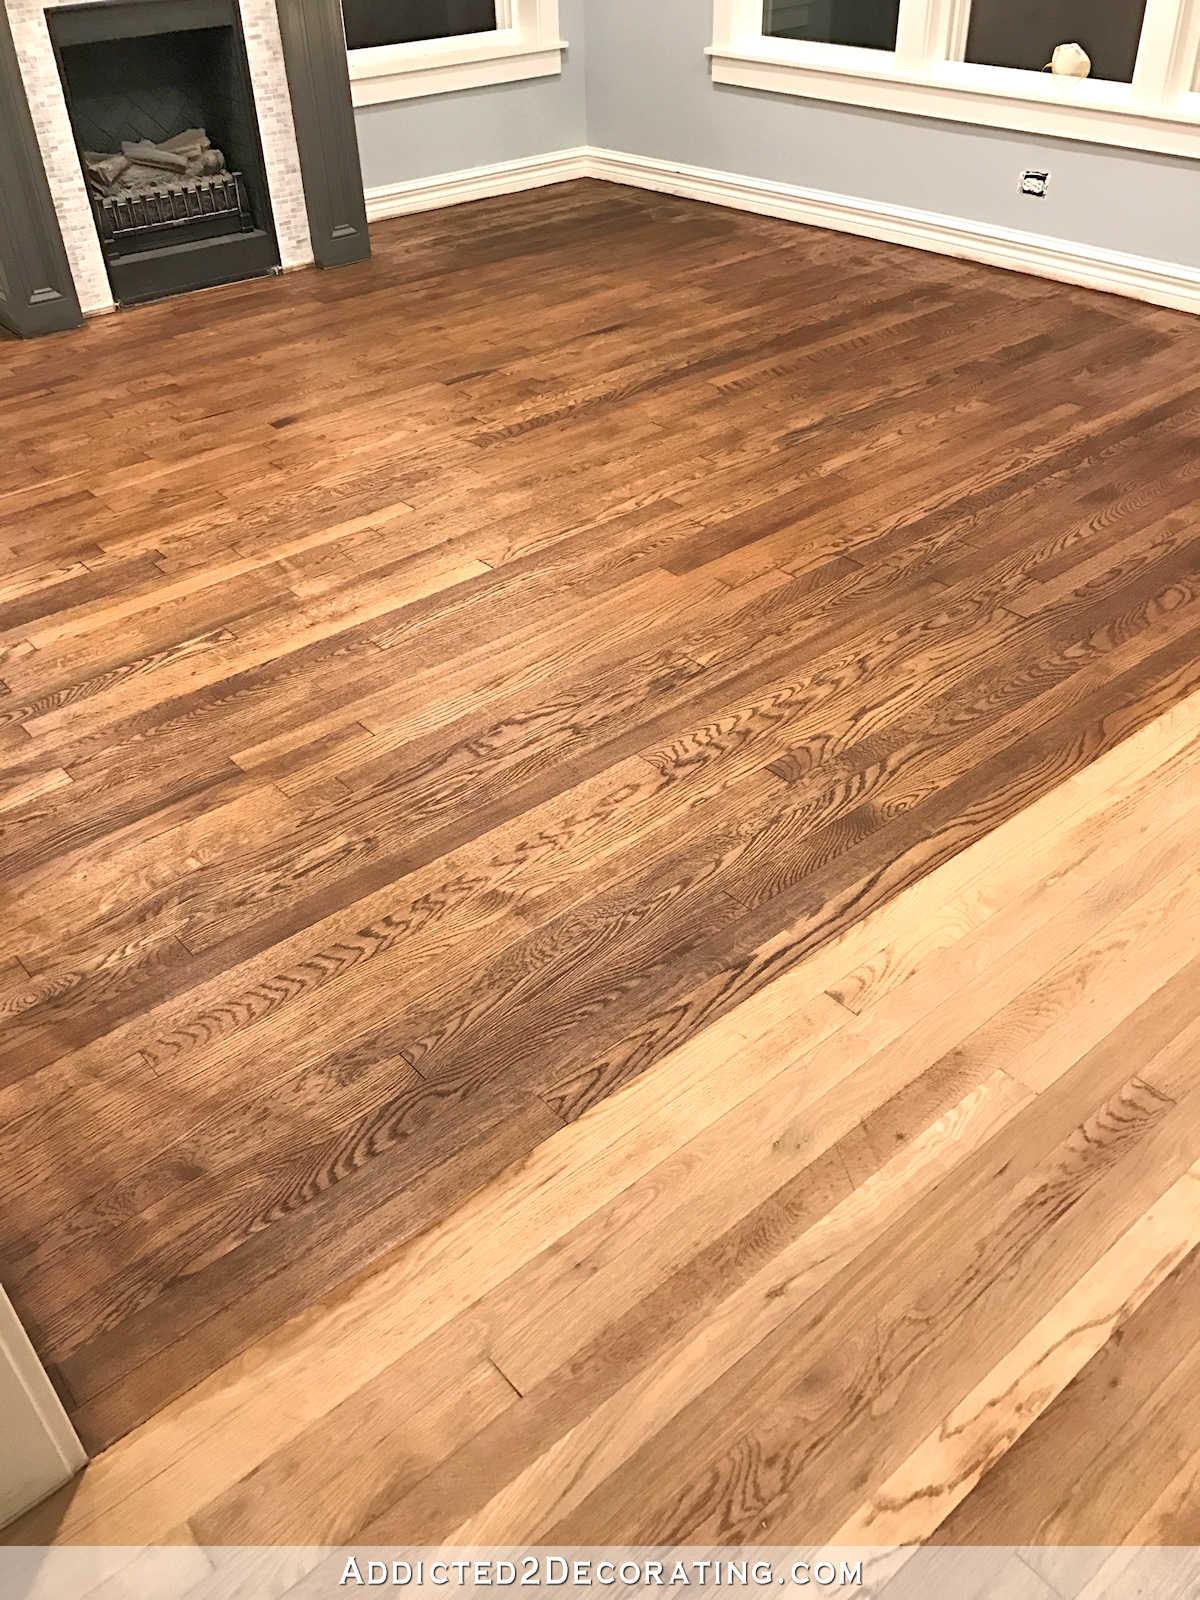 red oak hardwood flooring matte finish of adventures in staining my red oak hardwood floors products process with staining red oak hardwood floors 7 stain on the living room floor